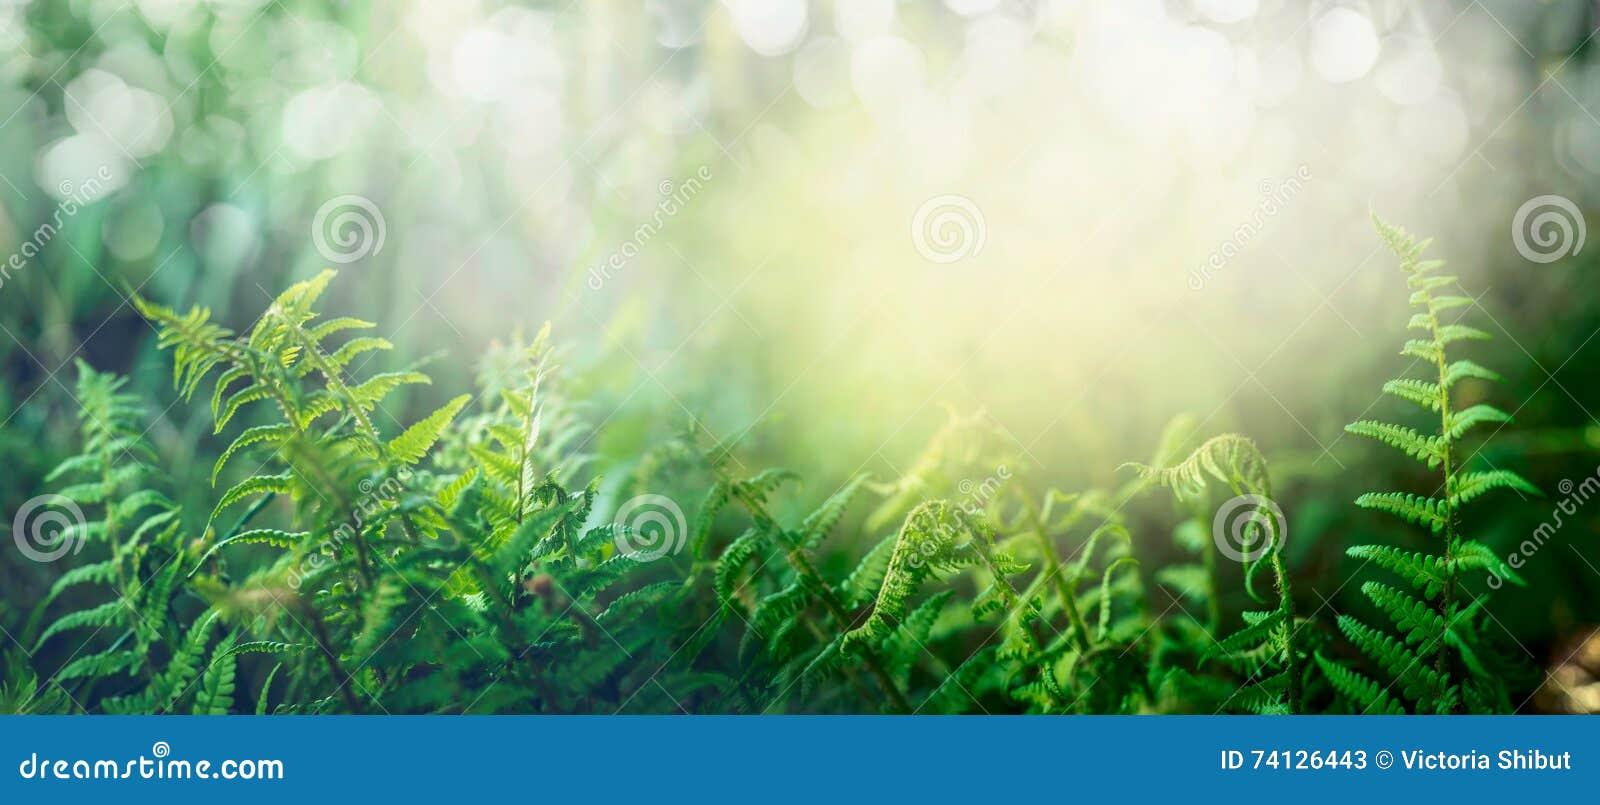 Farn im tropischen Dschungelwald mit Sonnenlicht, Naturhintergrund im Freien